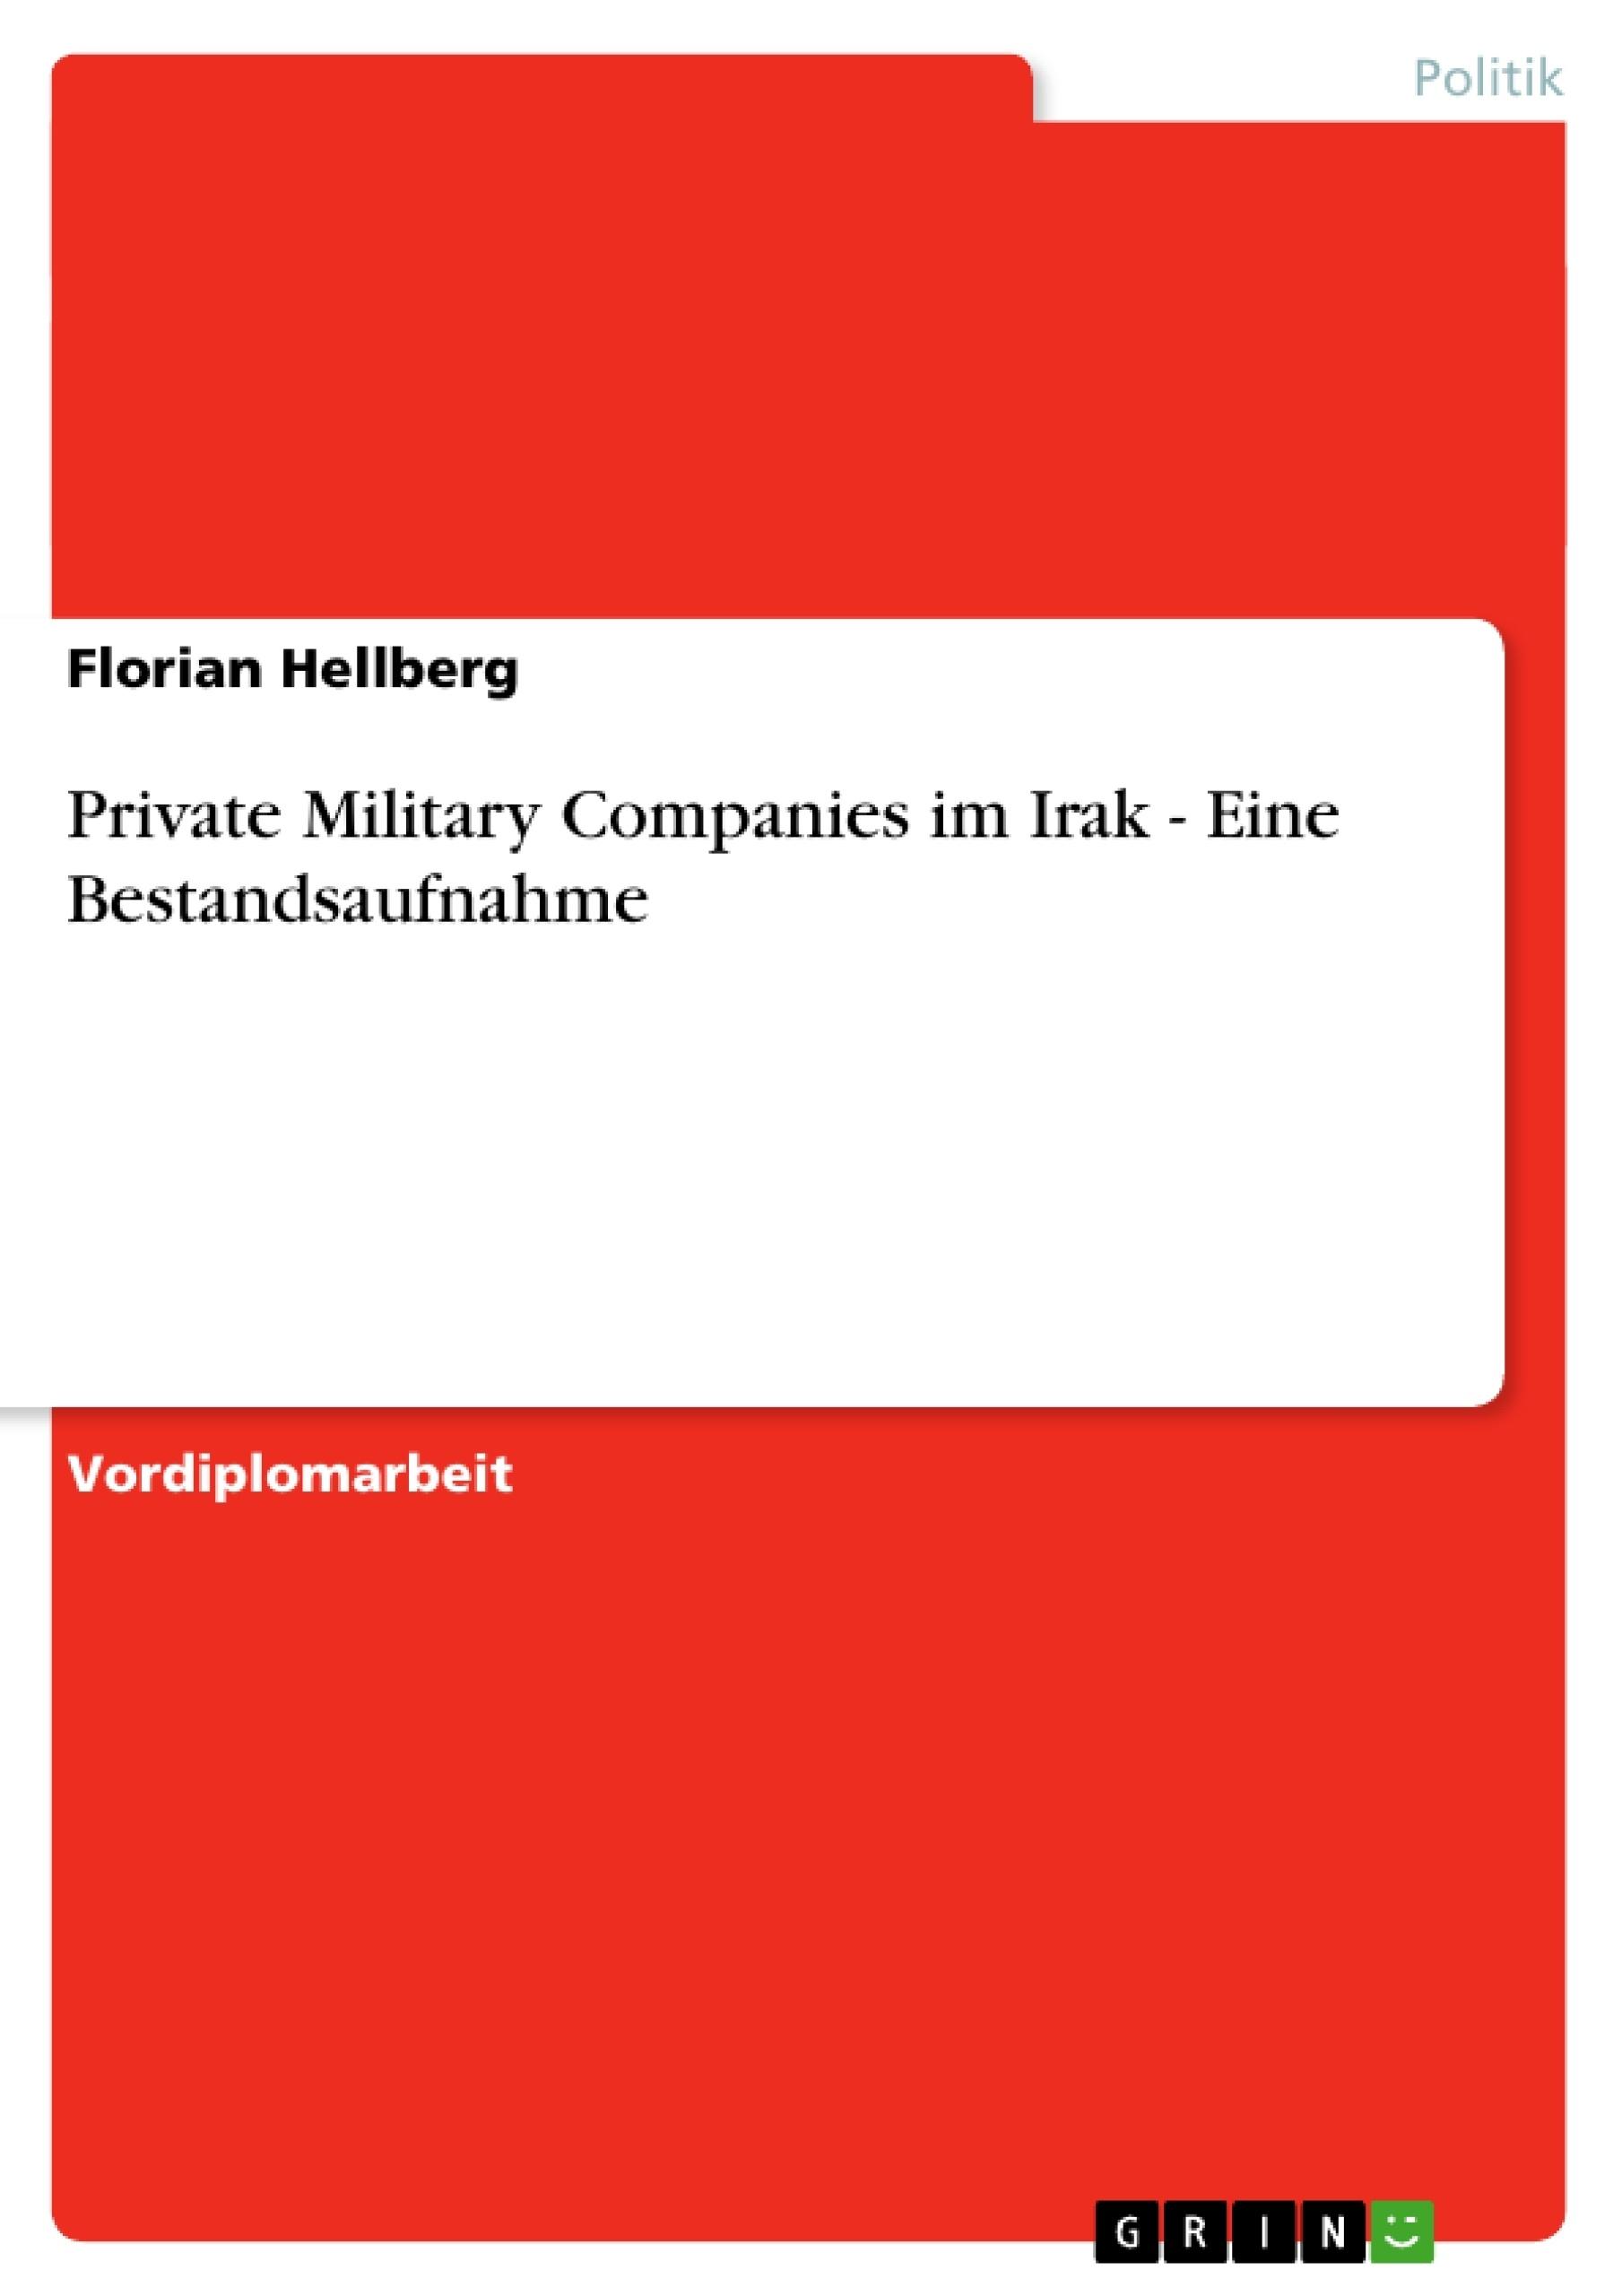 Titel: Private Military Companies im Irak - Eine Bestandsaufnahme